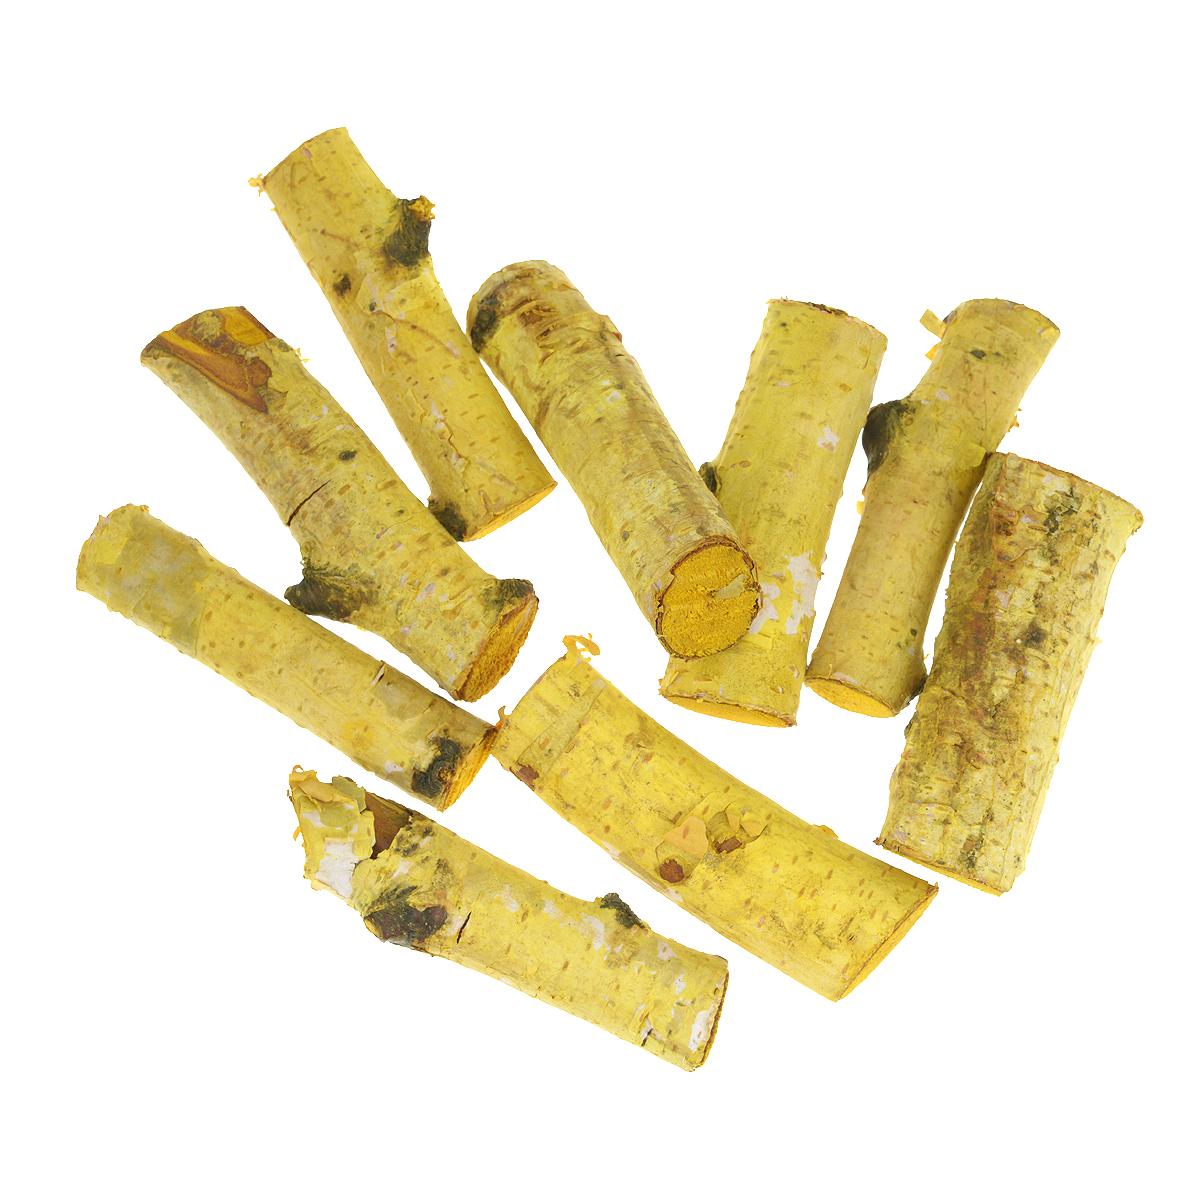 Декоративный элемент Dongjiang Art Ветка, цвет: желтый, длина 7 см, 250 г. 77089967708996Декоративный элемент Dongjiang Art Ветка изготовлен из дерева и предназначен для декорирования. Изделие может пригодиться во флористике и многом другом. Декоративный элемент представляет собой кусочек ветки. Флористика - вид декоративно-прикладного искусства, который использует живые, засушенные или консервированные природные материалы для создания флористических работ. Это целый мир, в котором есть место и строгому математическому расчету, и вдохновению, полету фантазии. Длина ветки: 7 см. Диаметр ветки: 1,3 см; 2 см.